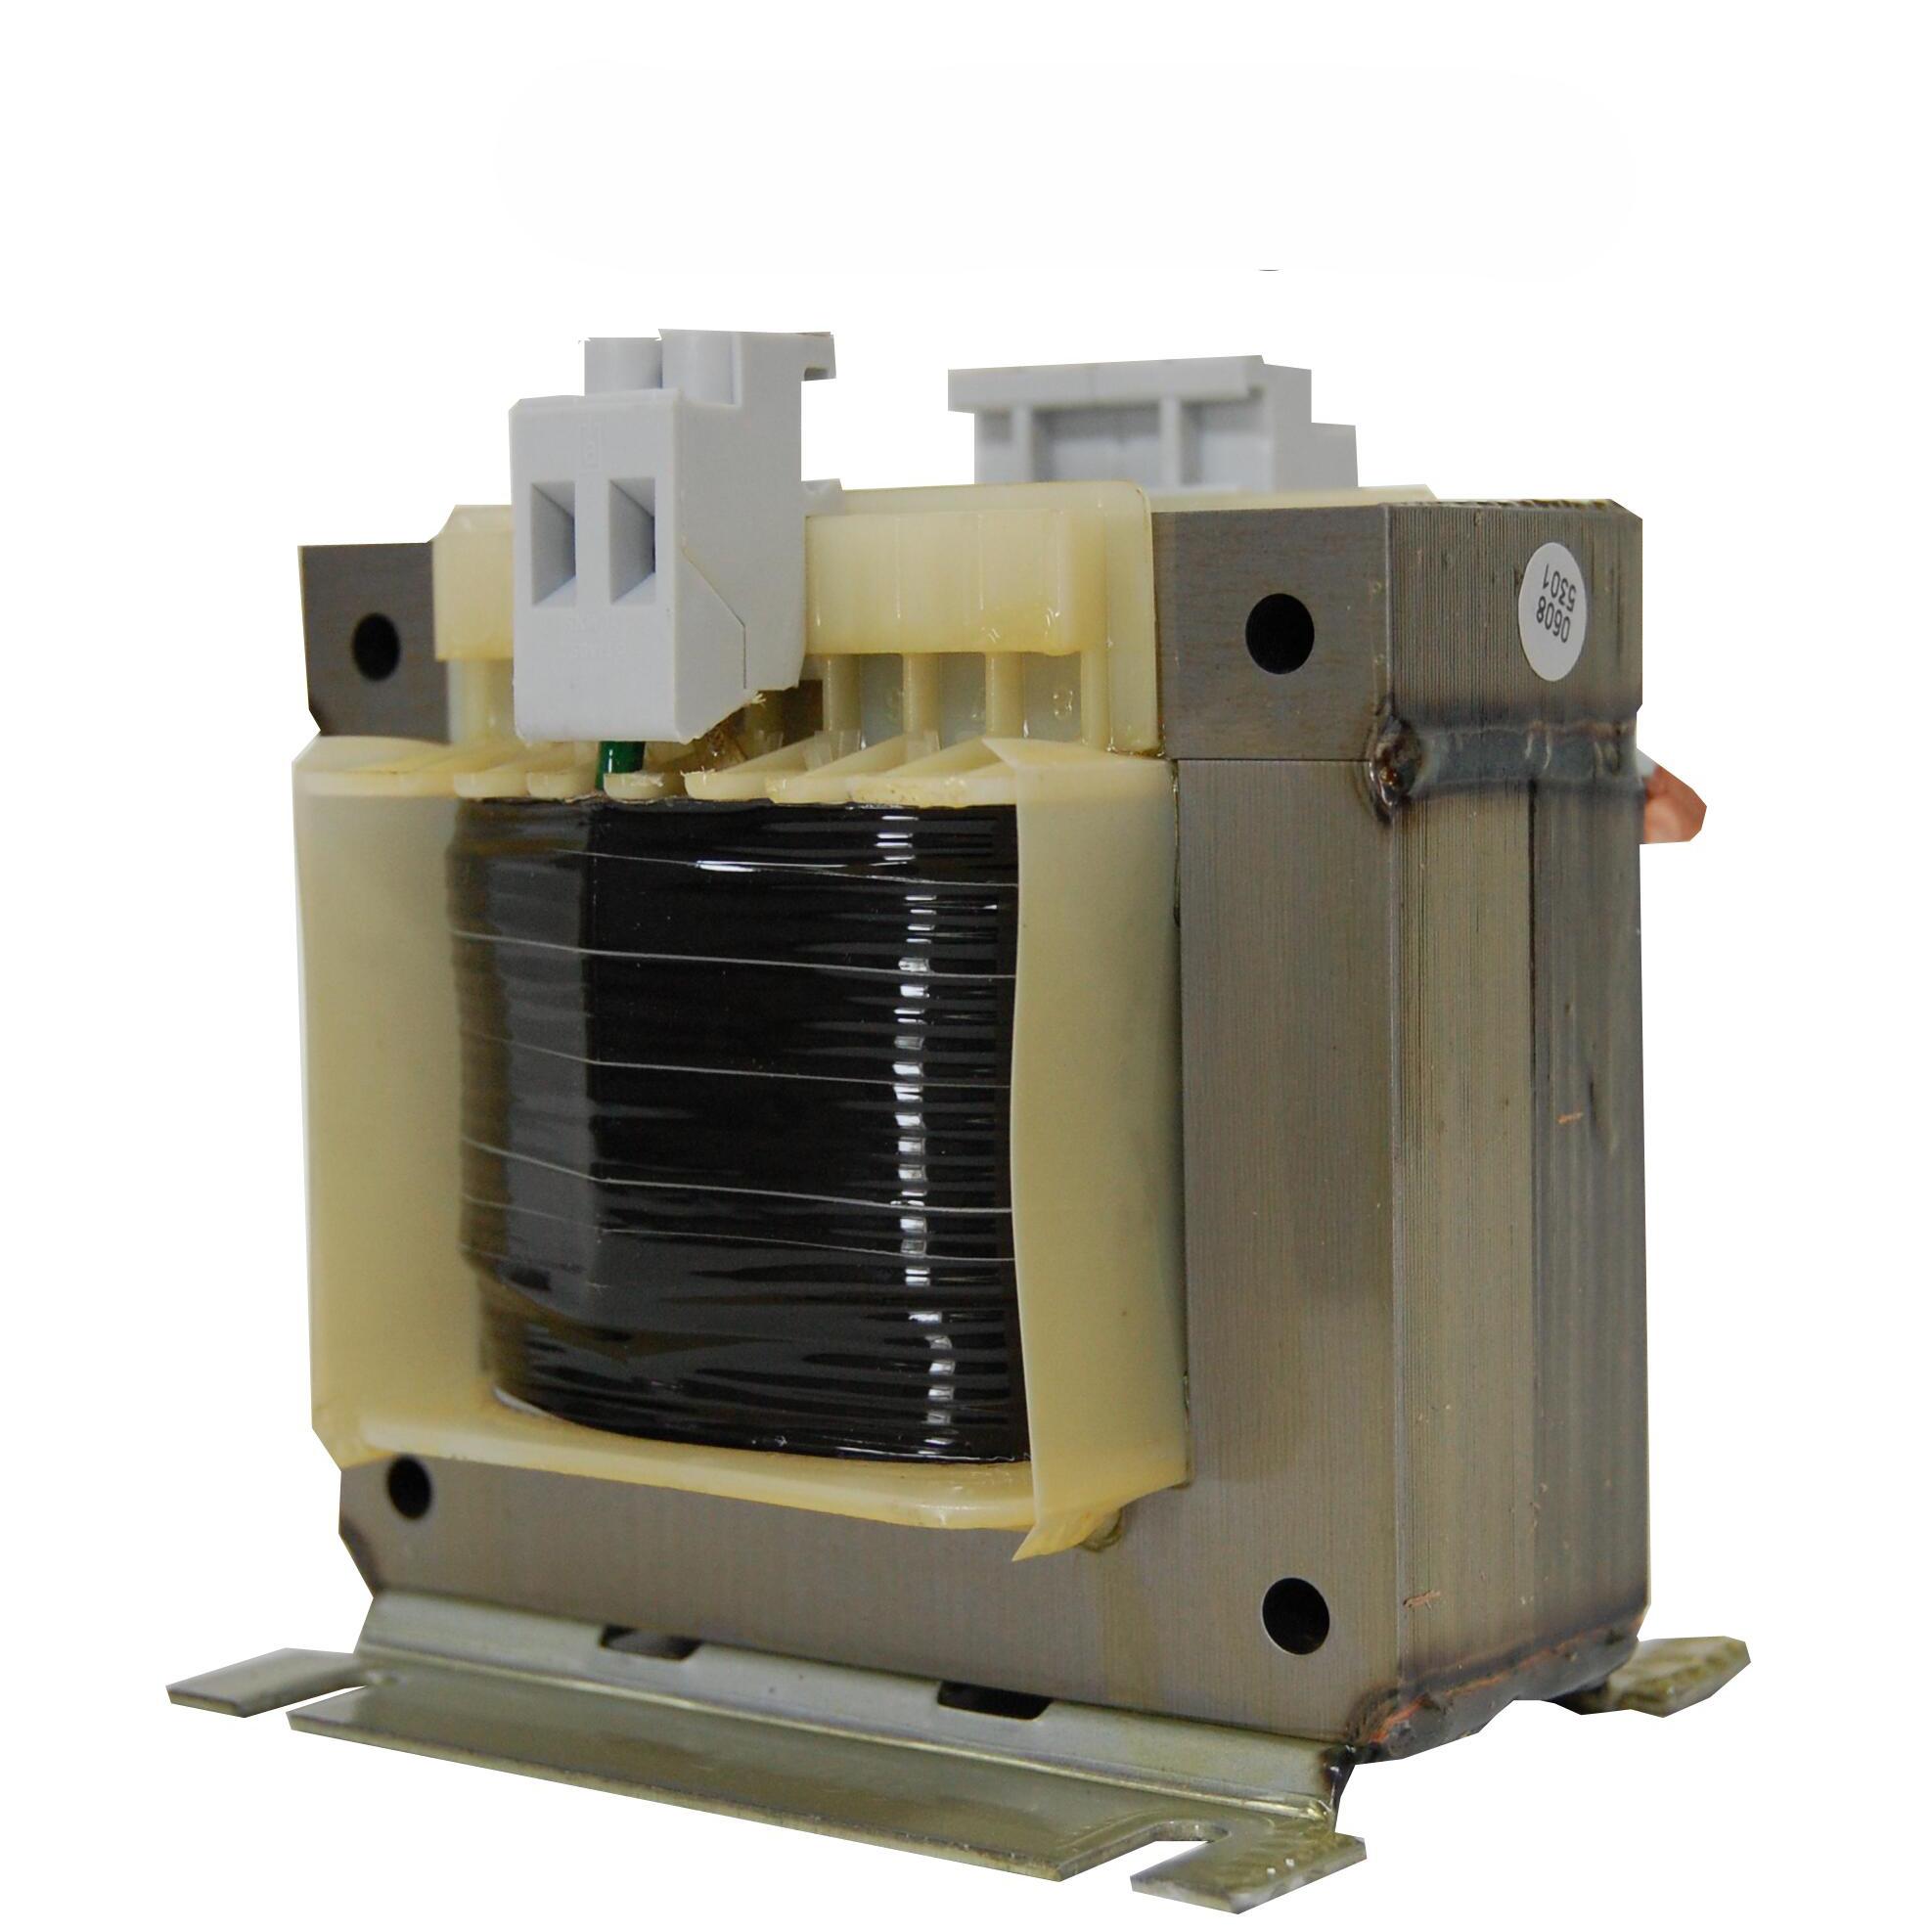 1 Stk Einphasen Steuertransformator 230/230V, 1300VA, IP00 LP605130T-